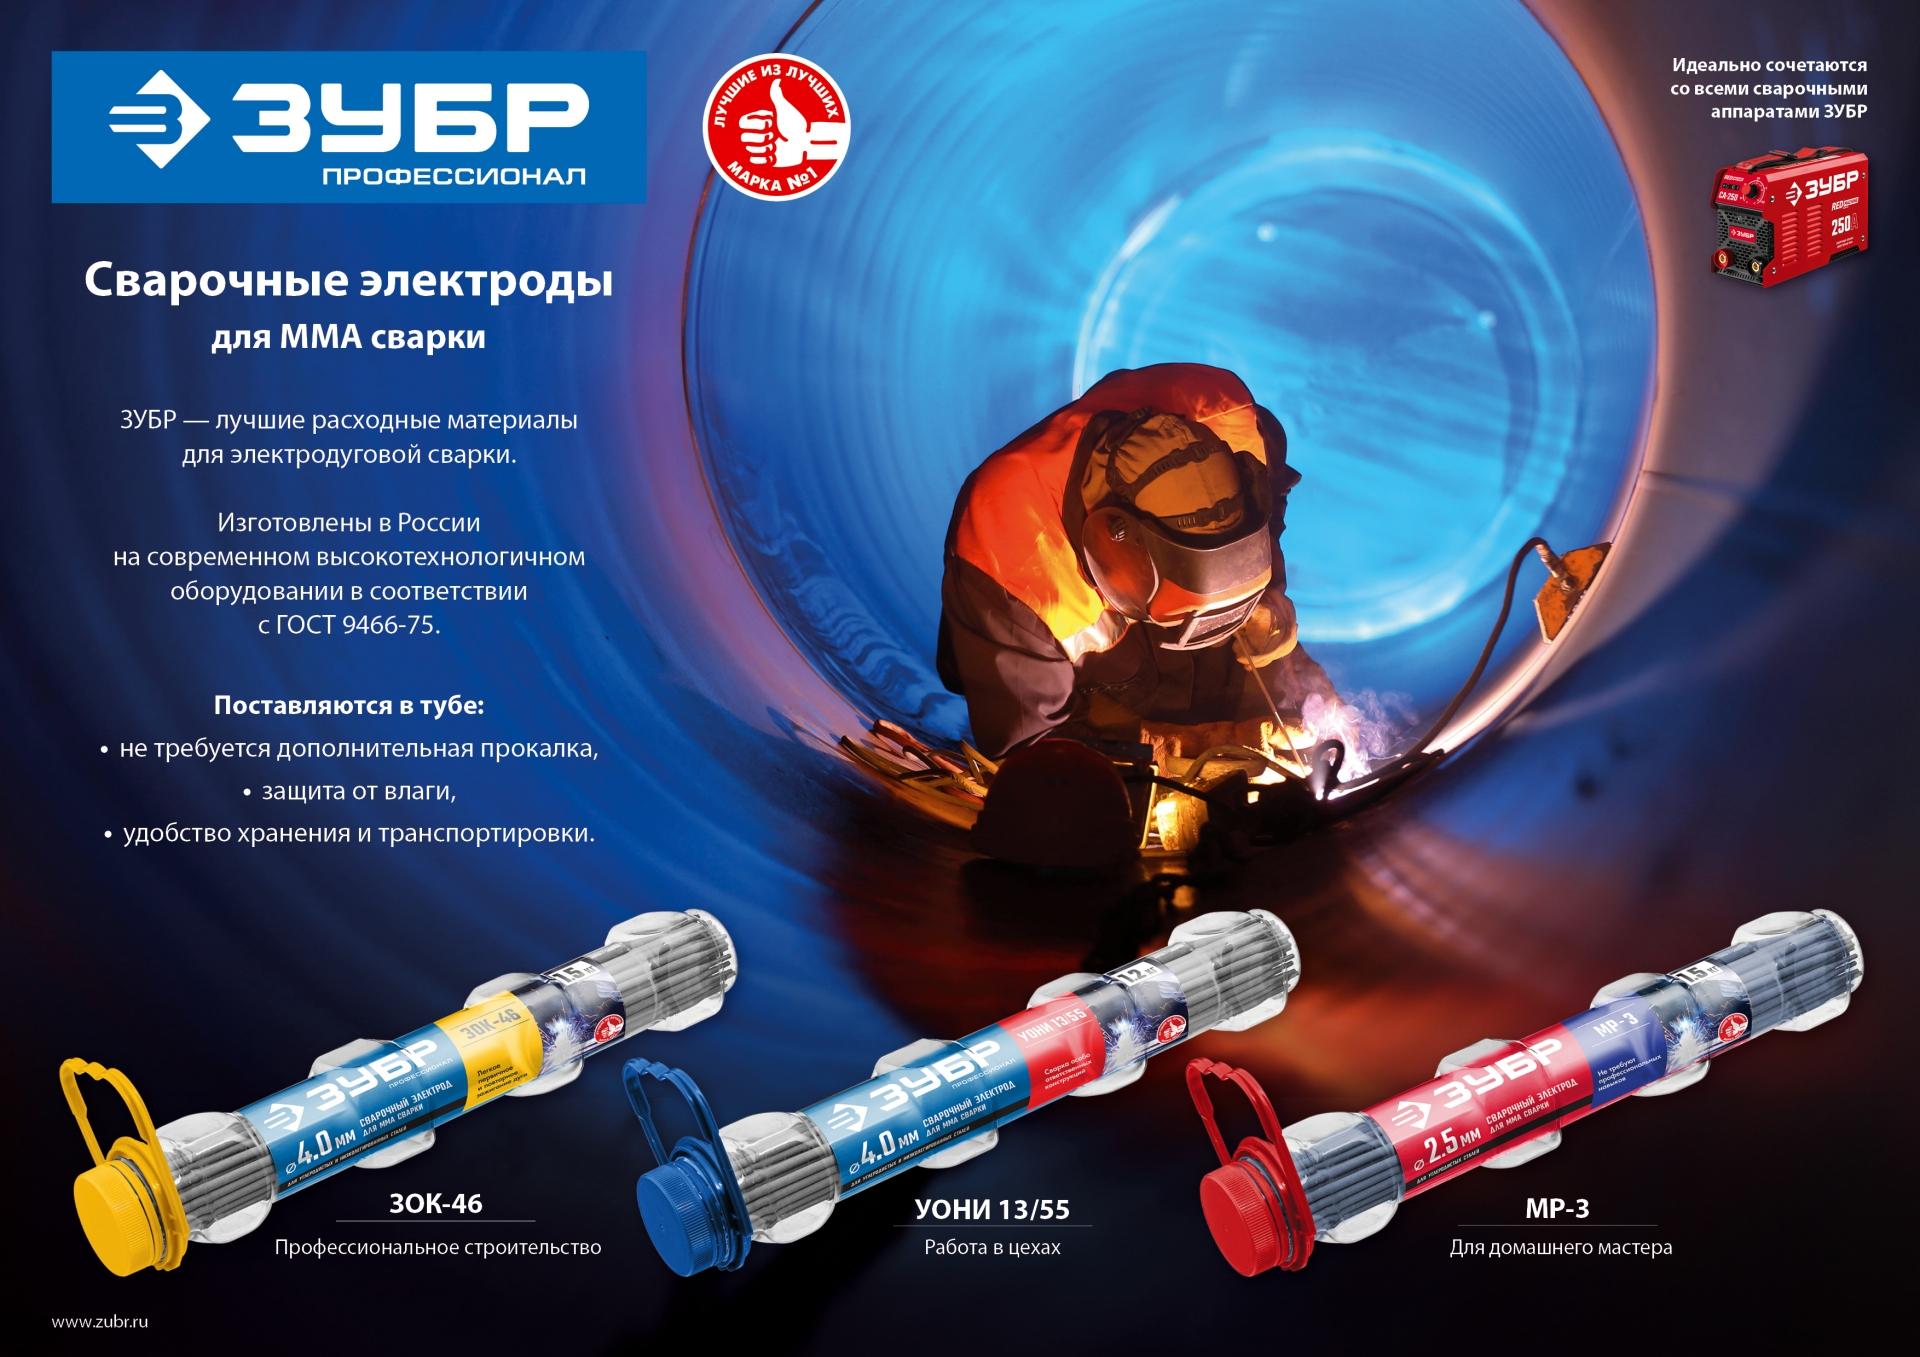 ЗУБР электрод сварочный УОНИ 13/55 с основным покрытием, для ММА сварки, d 3.0 х 350 мм, 5 кг в коробке, Профессионал.